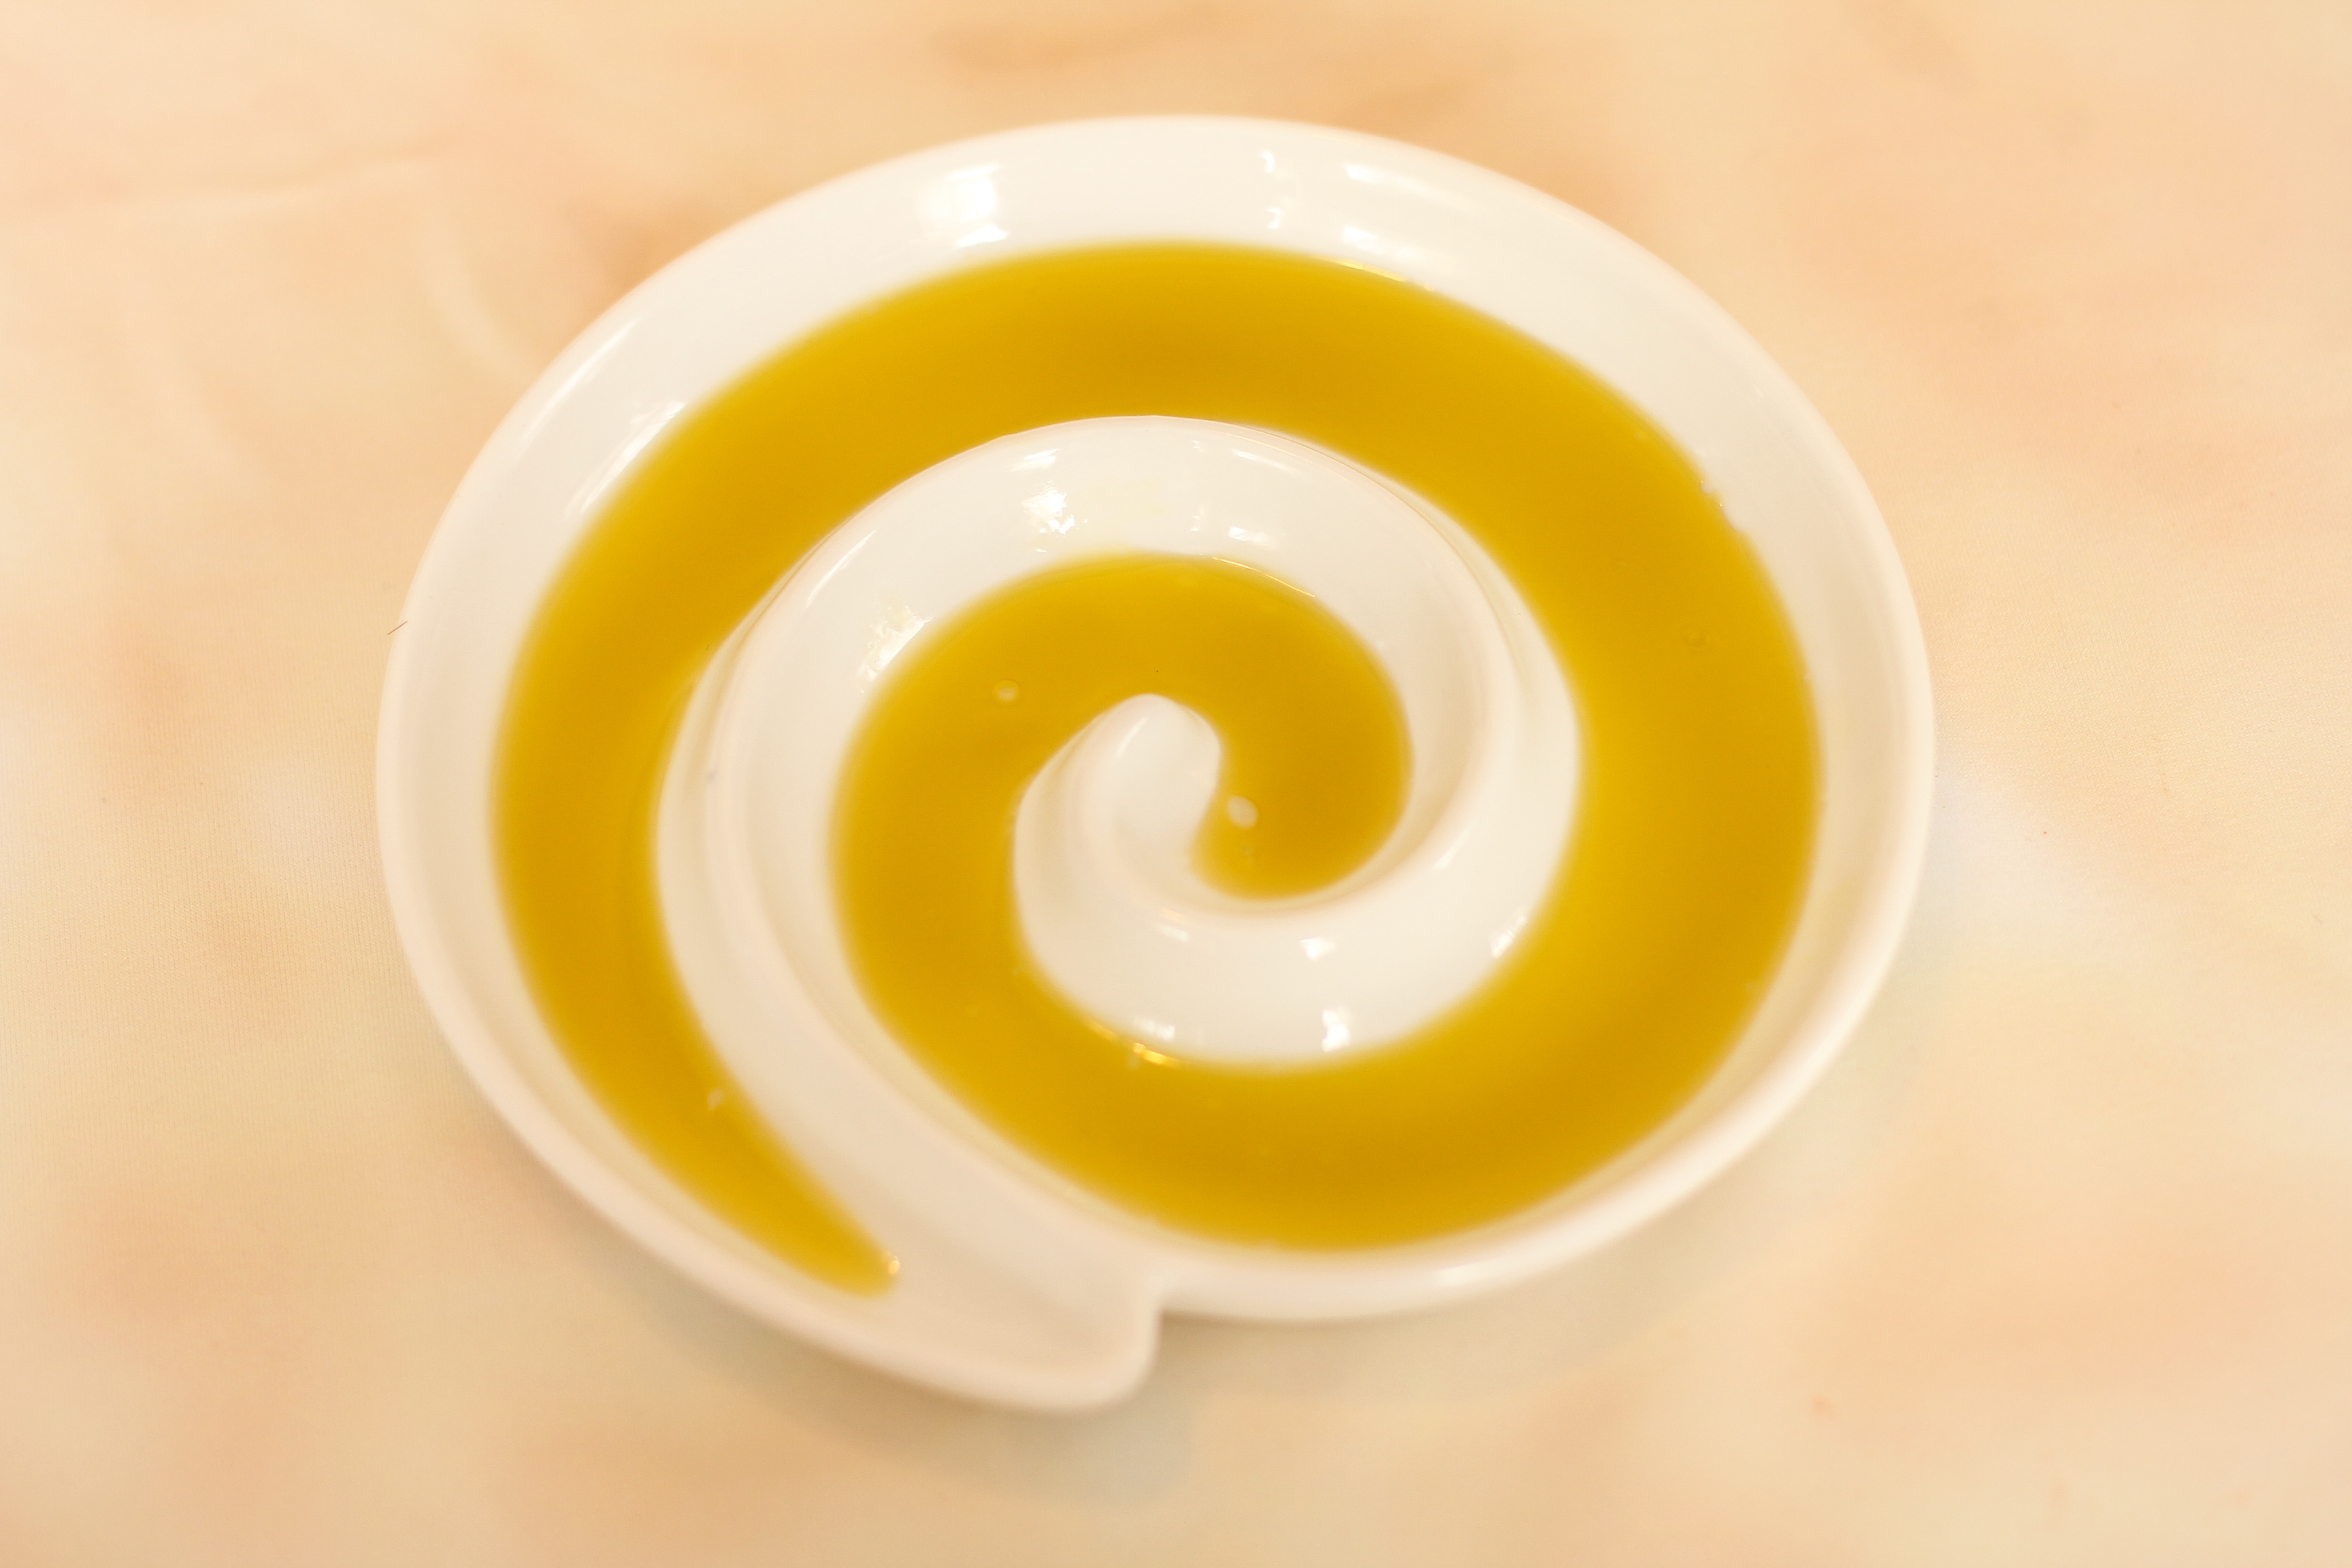 oil in swirl dish